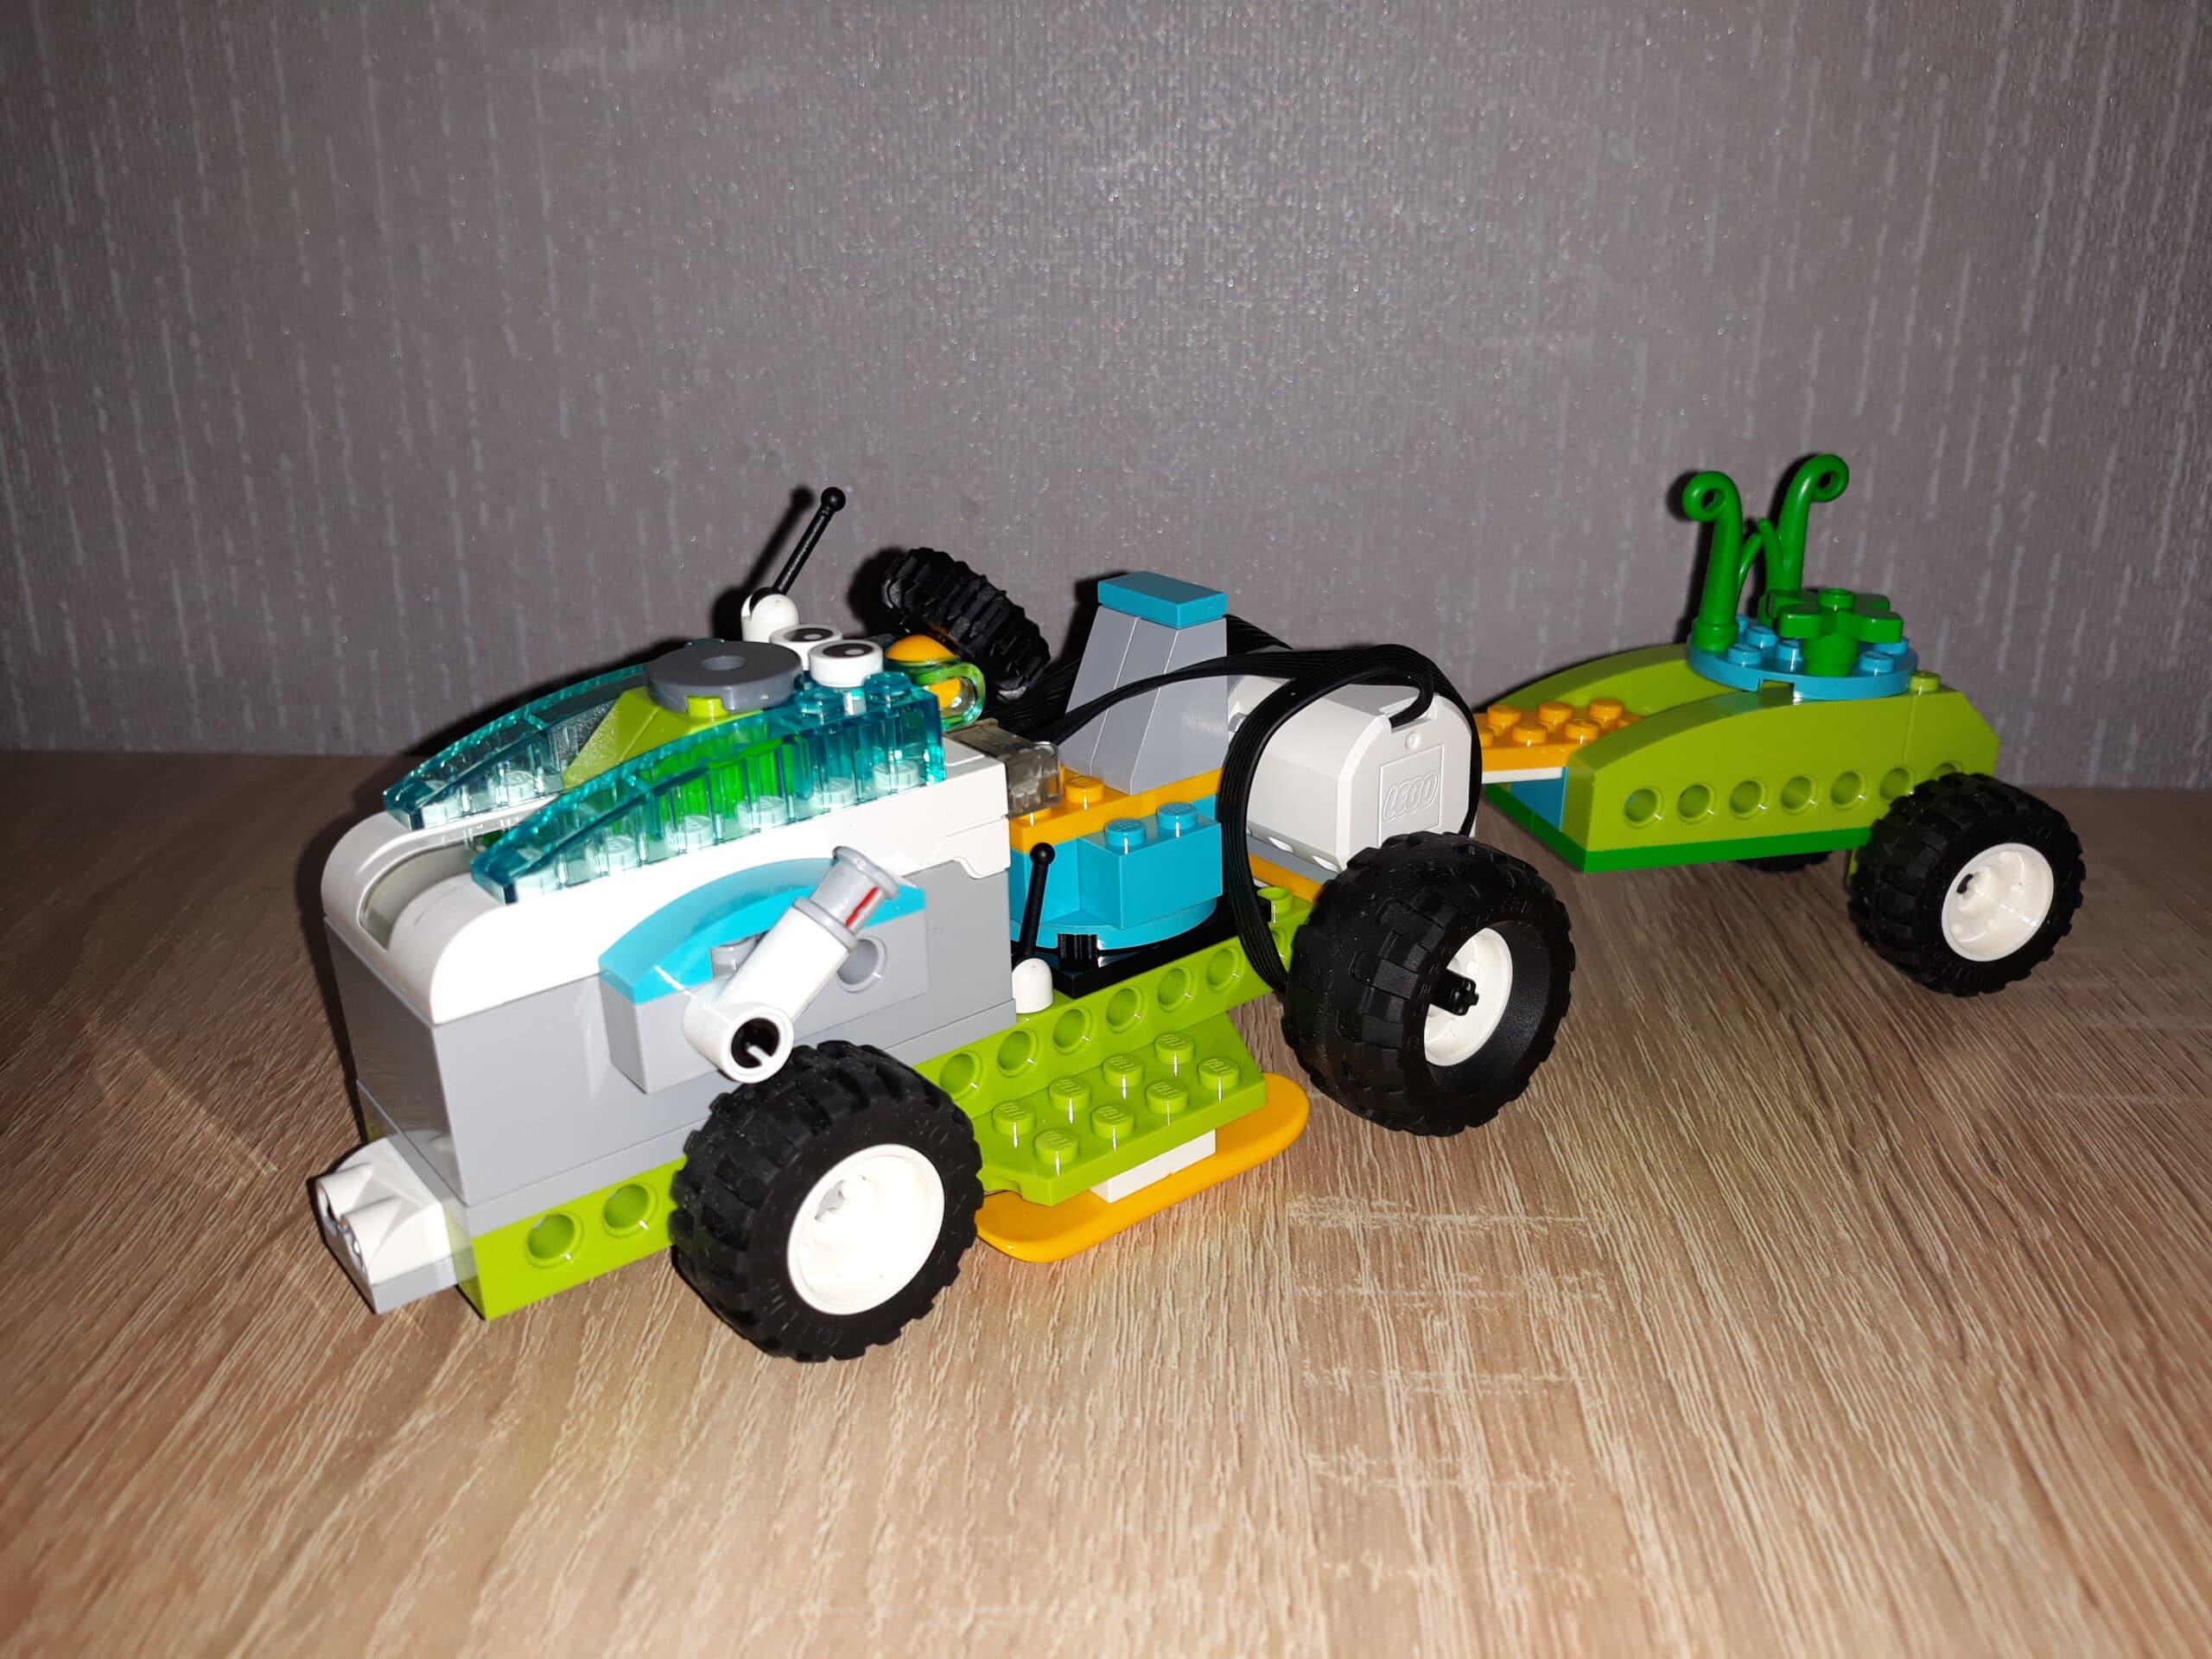 Скачать инструкцию по сборке из набора LEGO Education WeDo 2.0 Трактор с прицепом